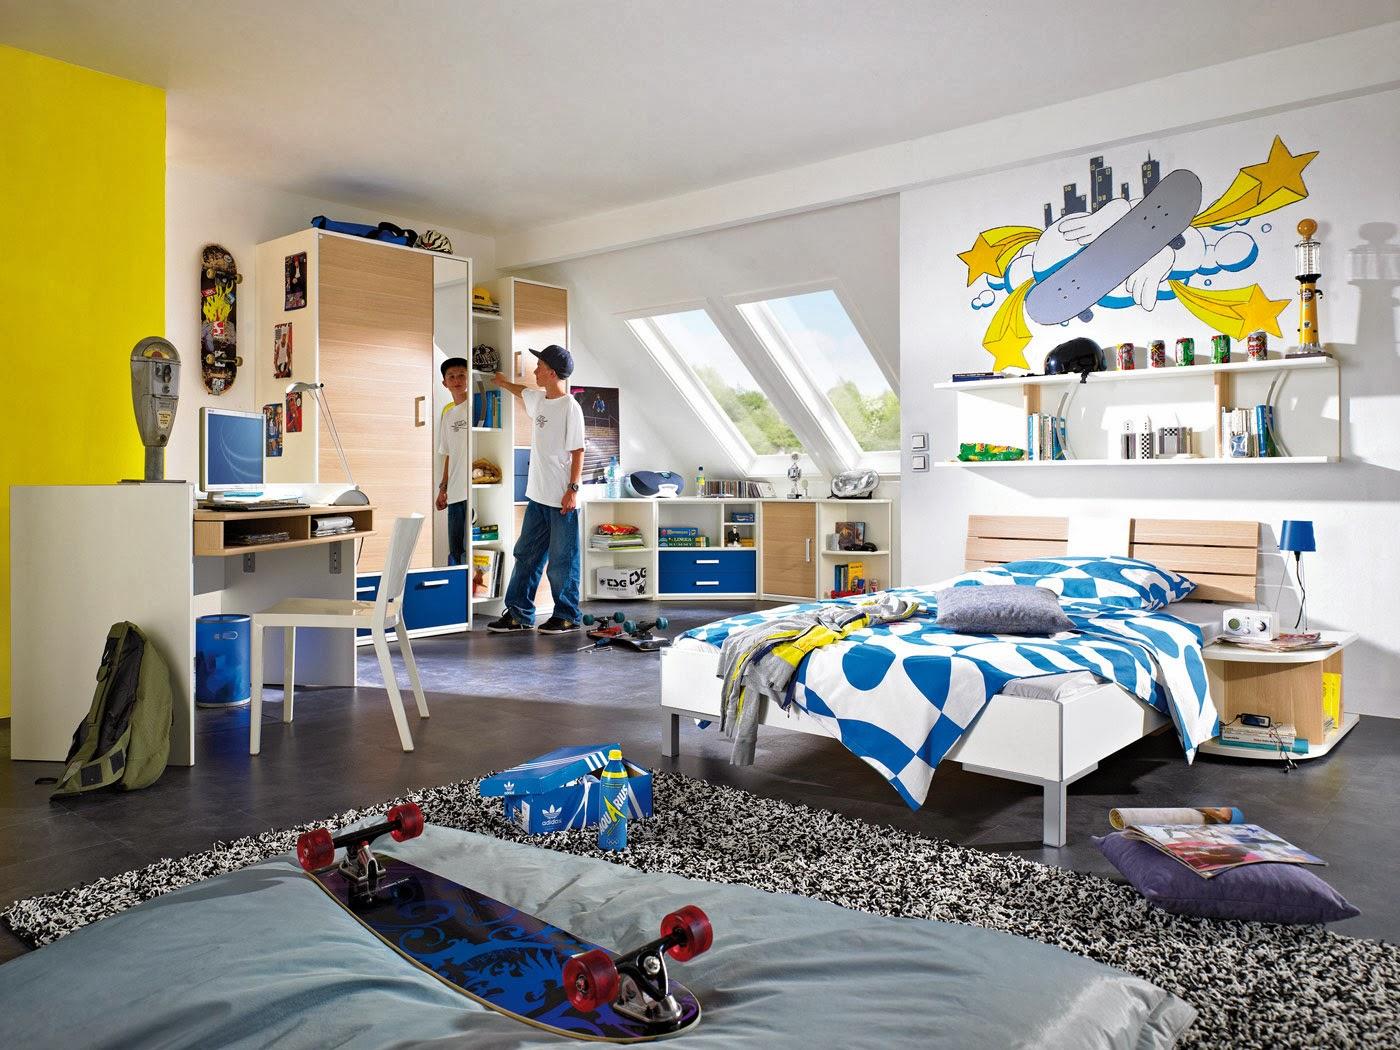 Dormitorios tema skate dormitorios colores y estilos - Fotos en habitaciones ...